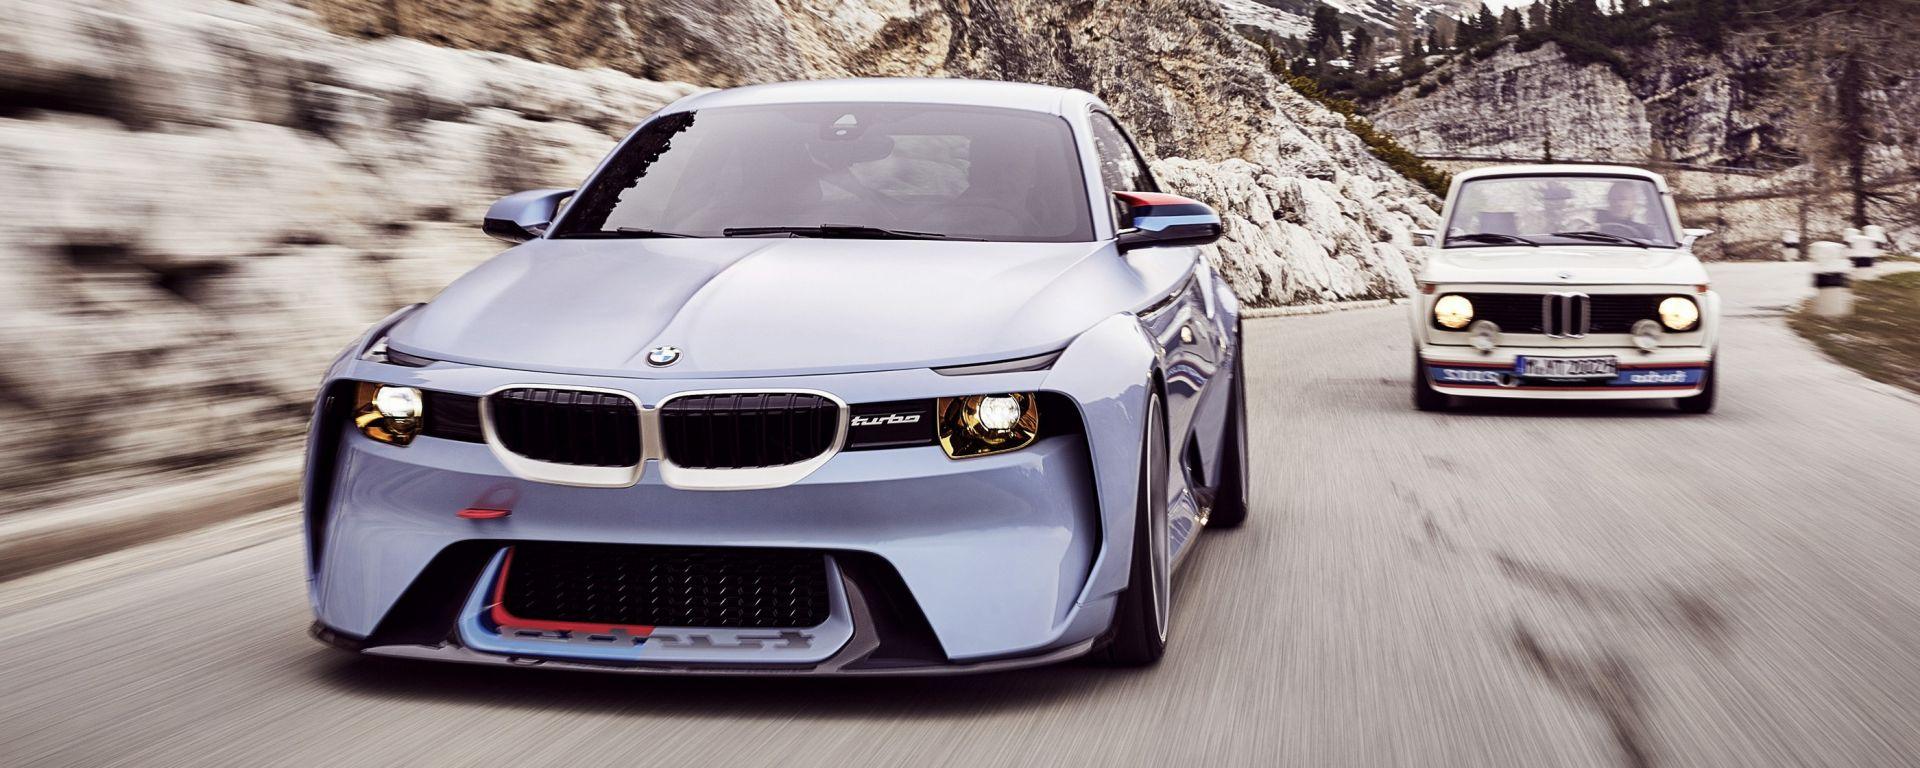 BMW 2002 Hommage: 50 anni di piacere di guida